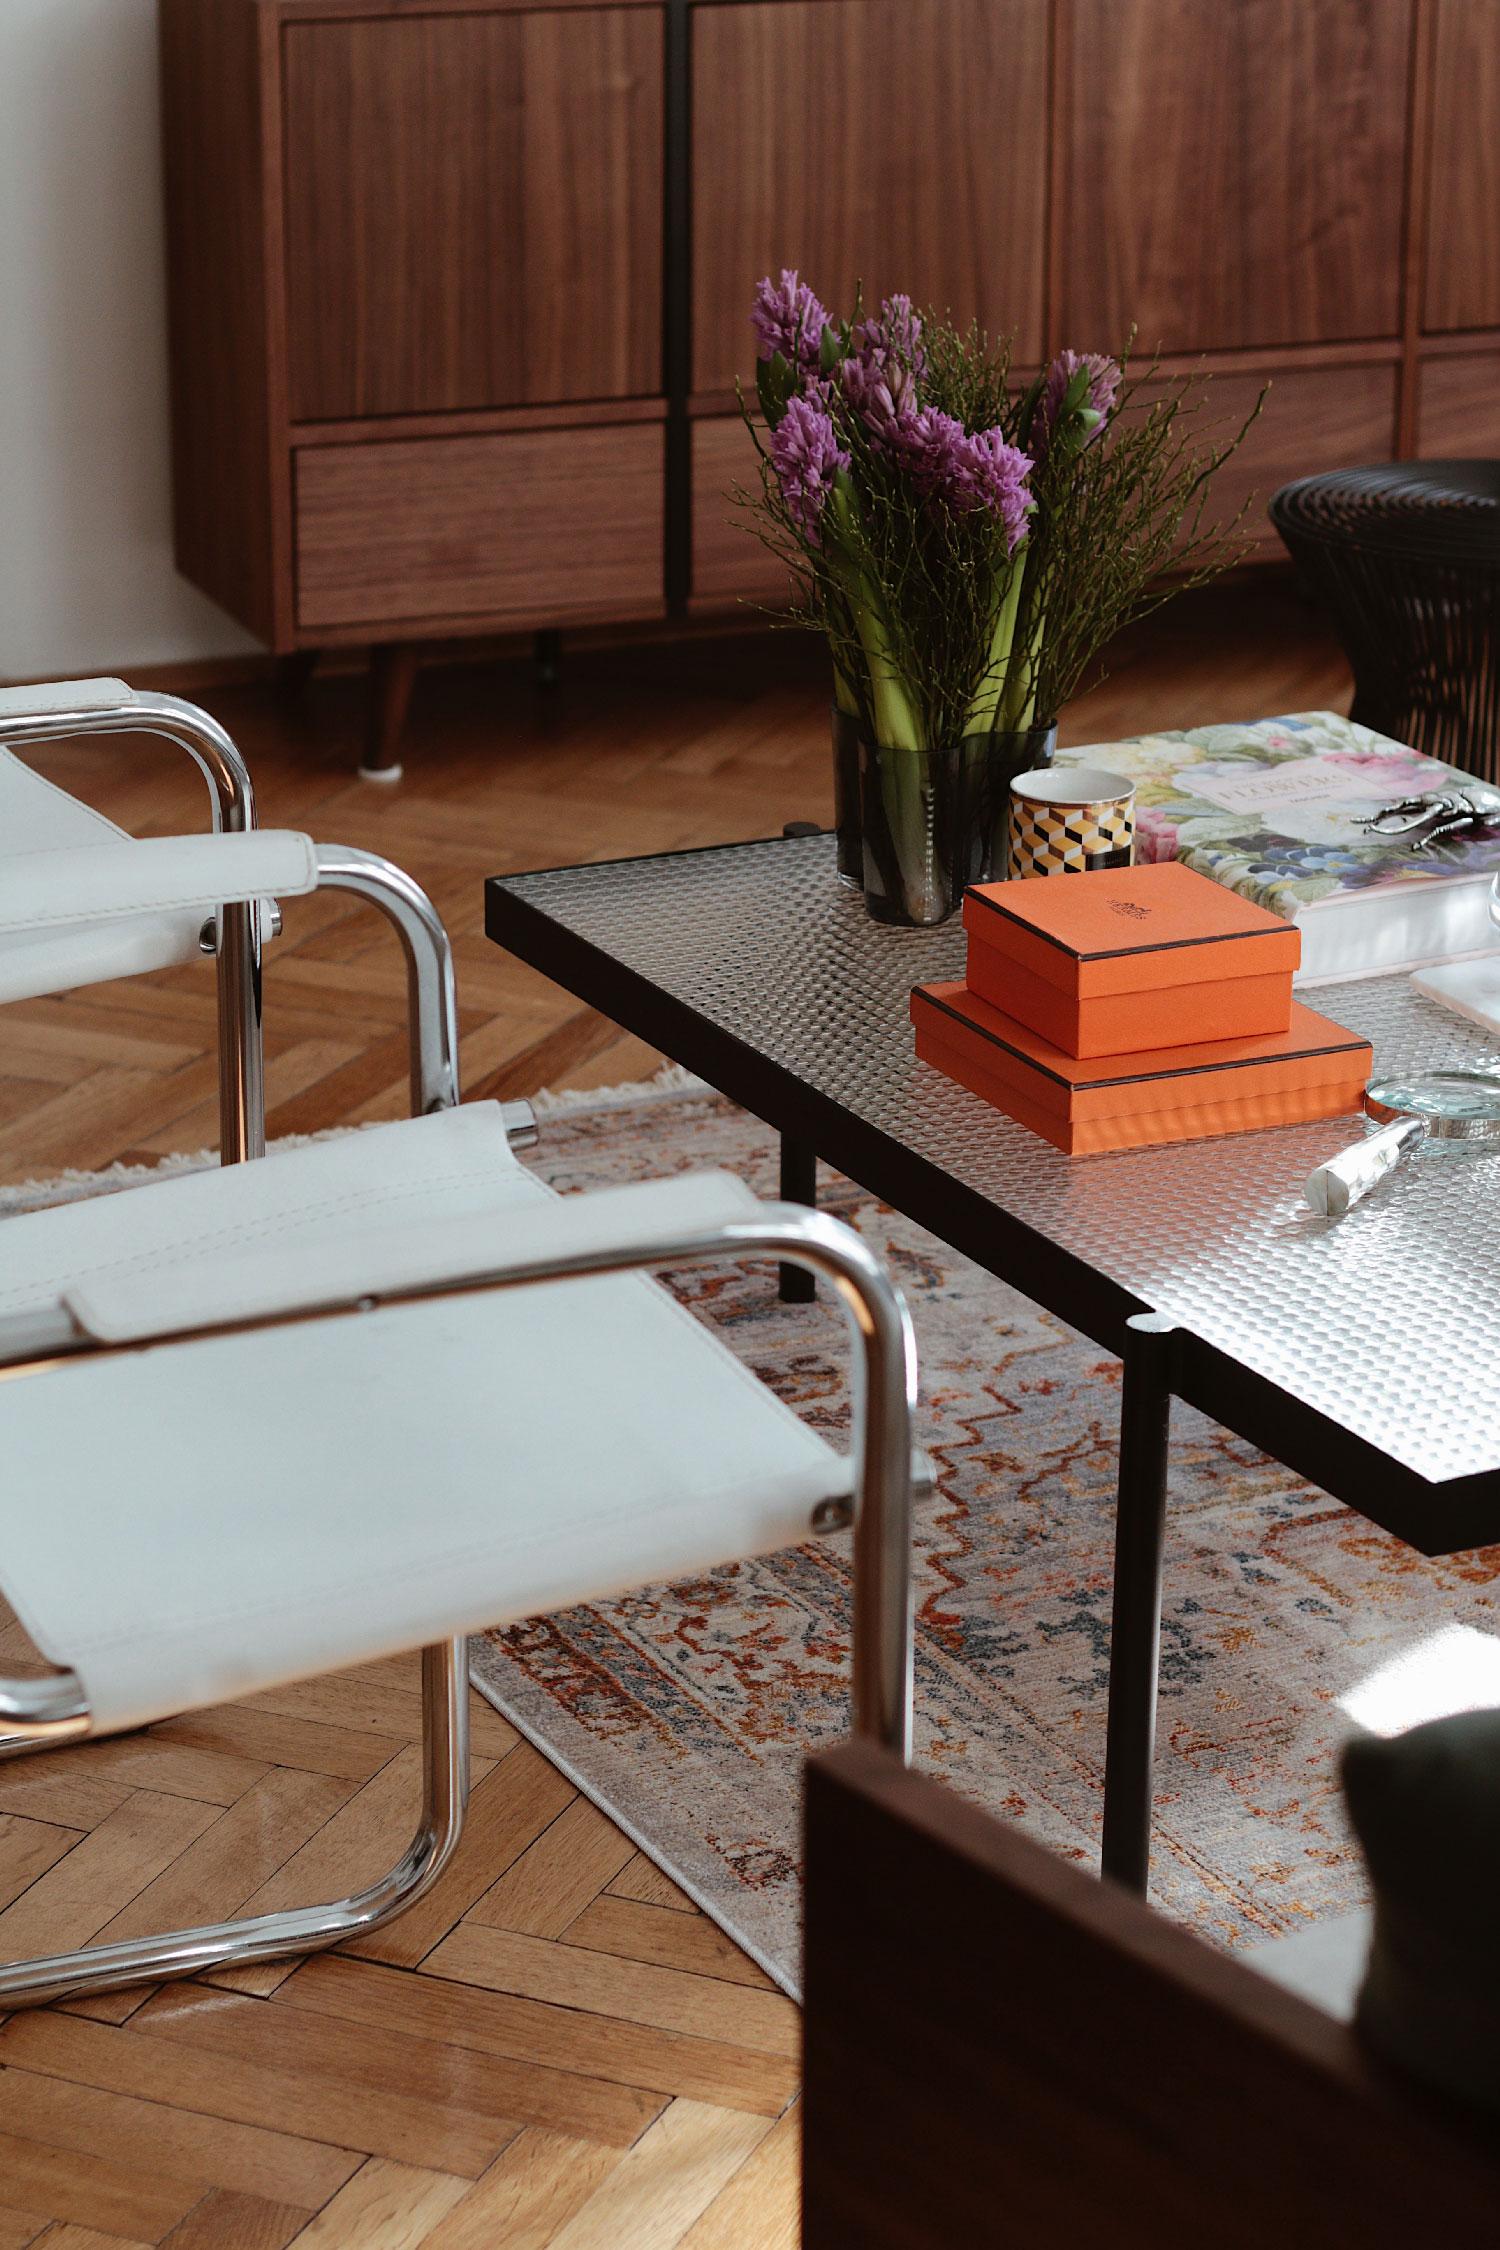 MYCS Sideboard - www.lesfactoryfemmes.com